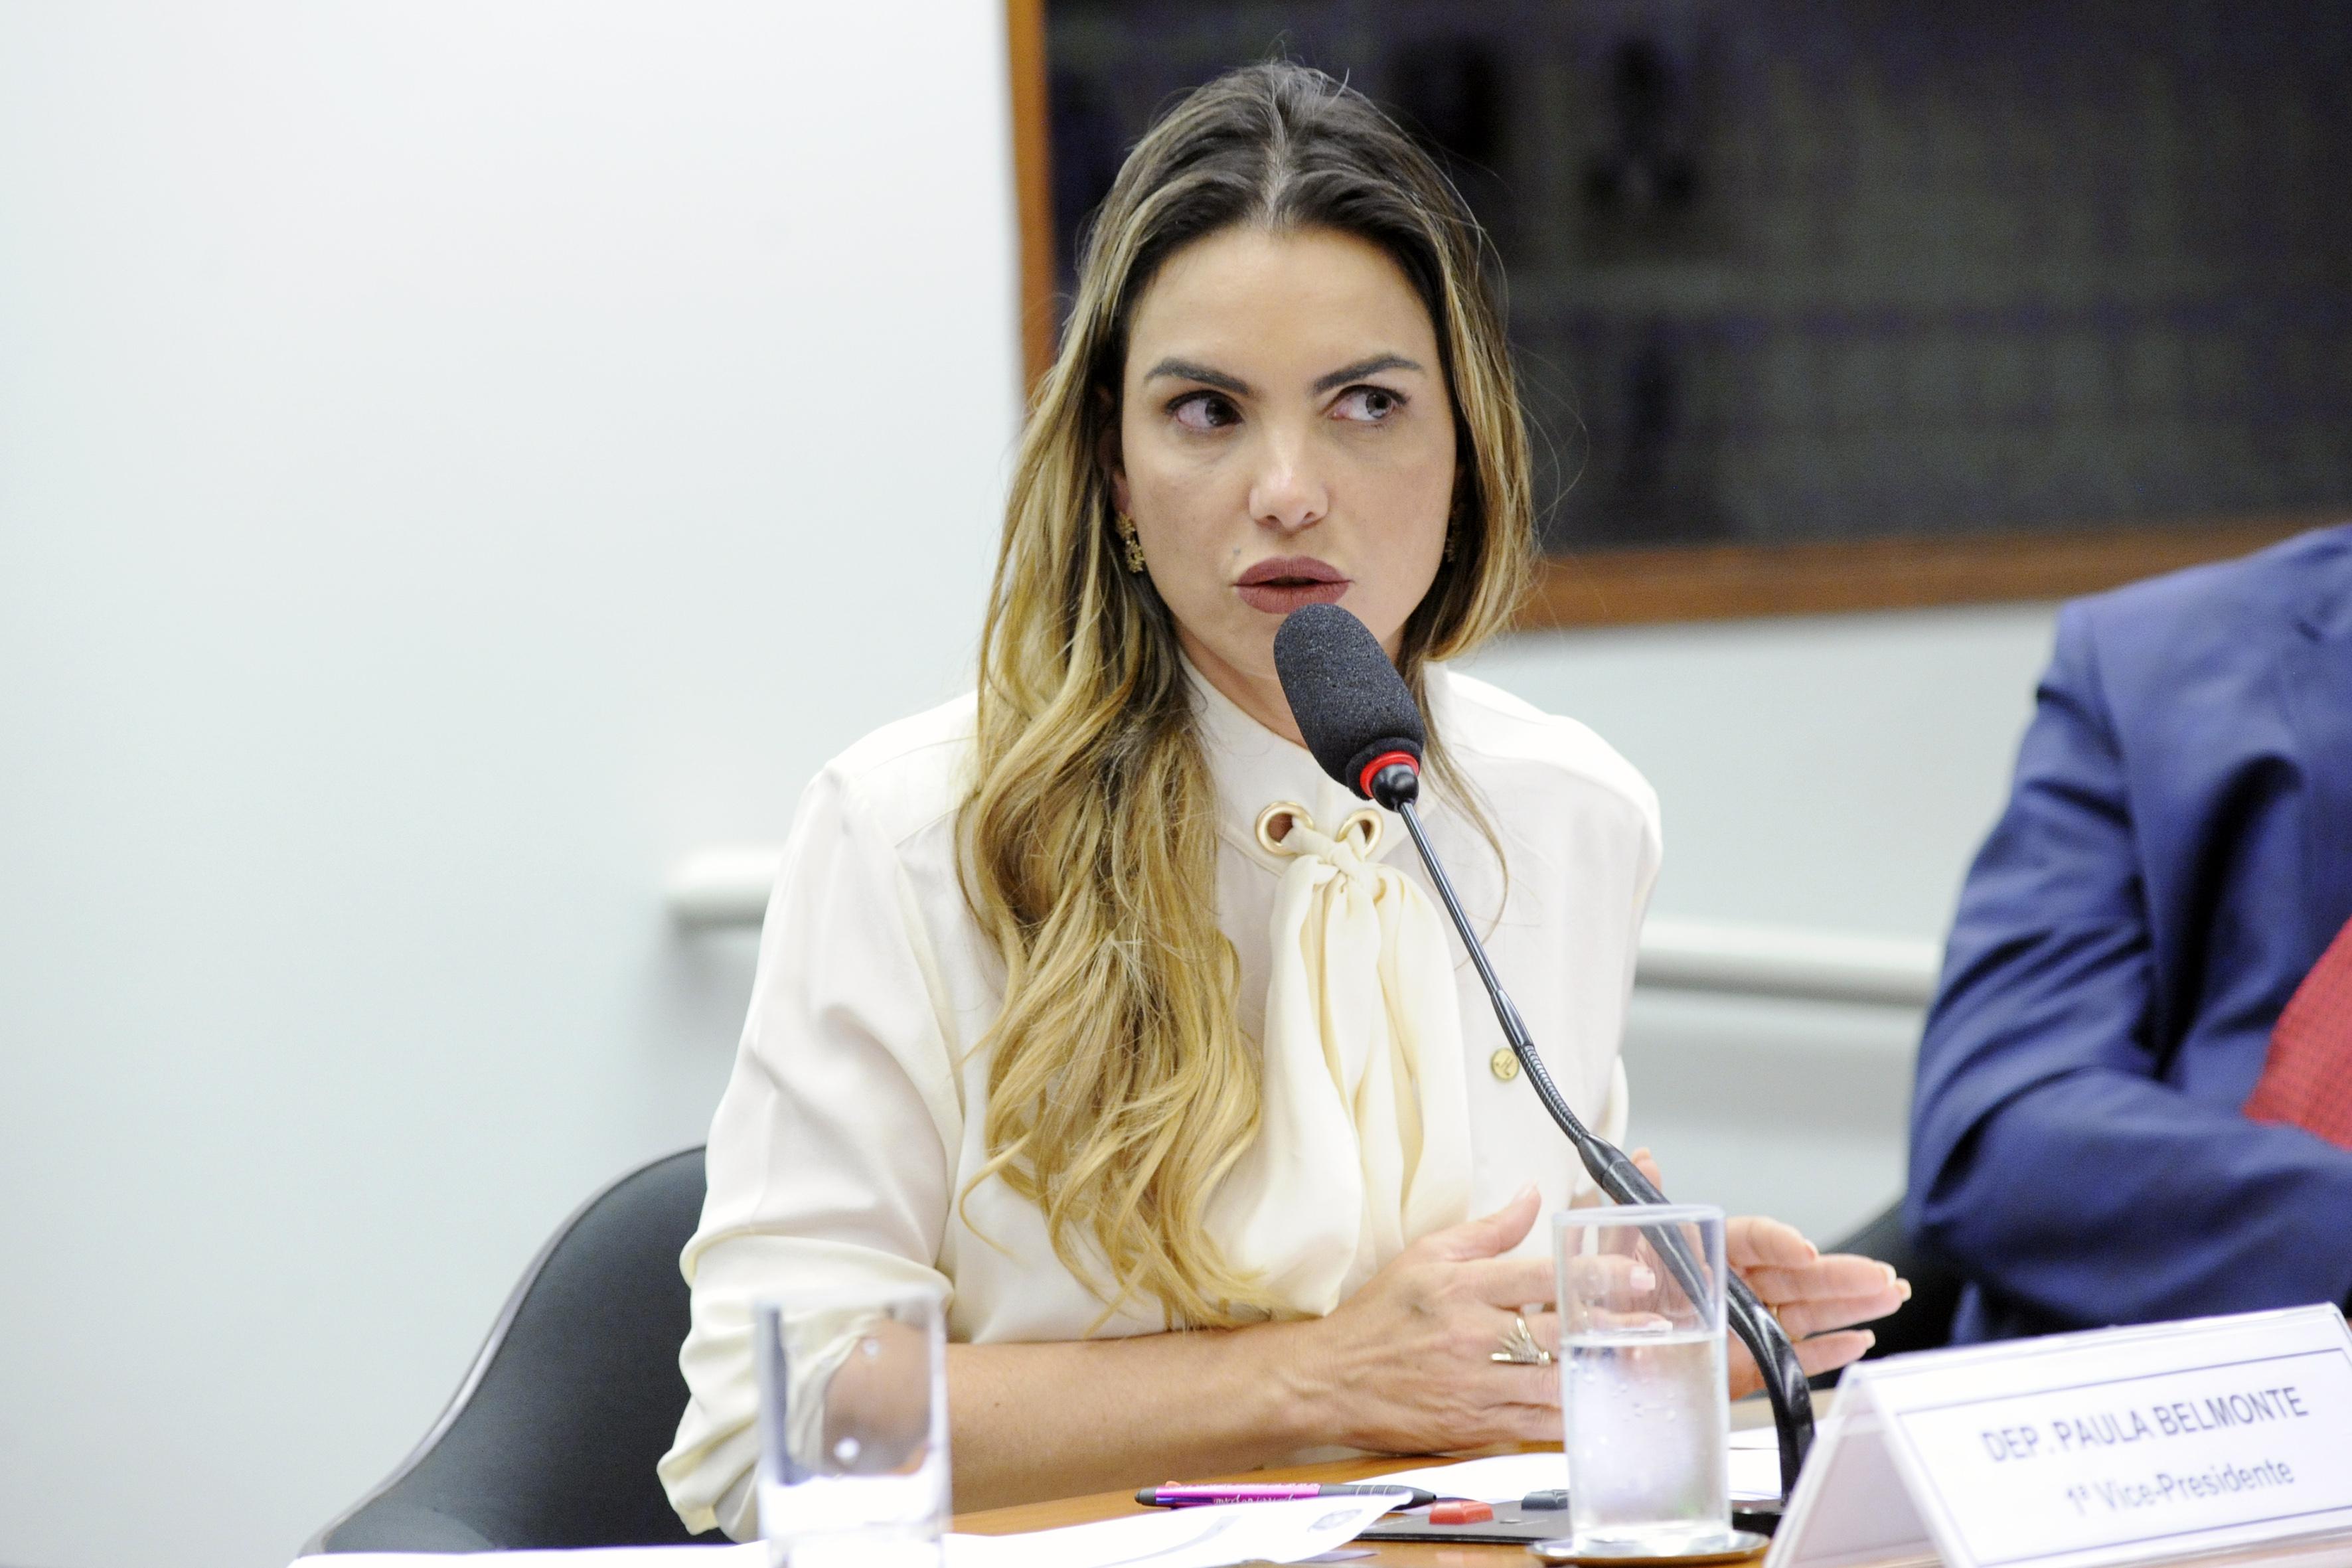 Audiência pública para tomada de depoimento. Dep. Paula Belmonte (CIDADANIA - DF)